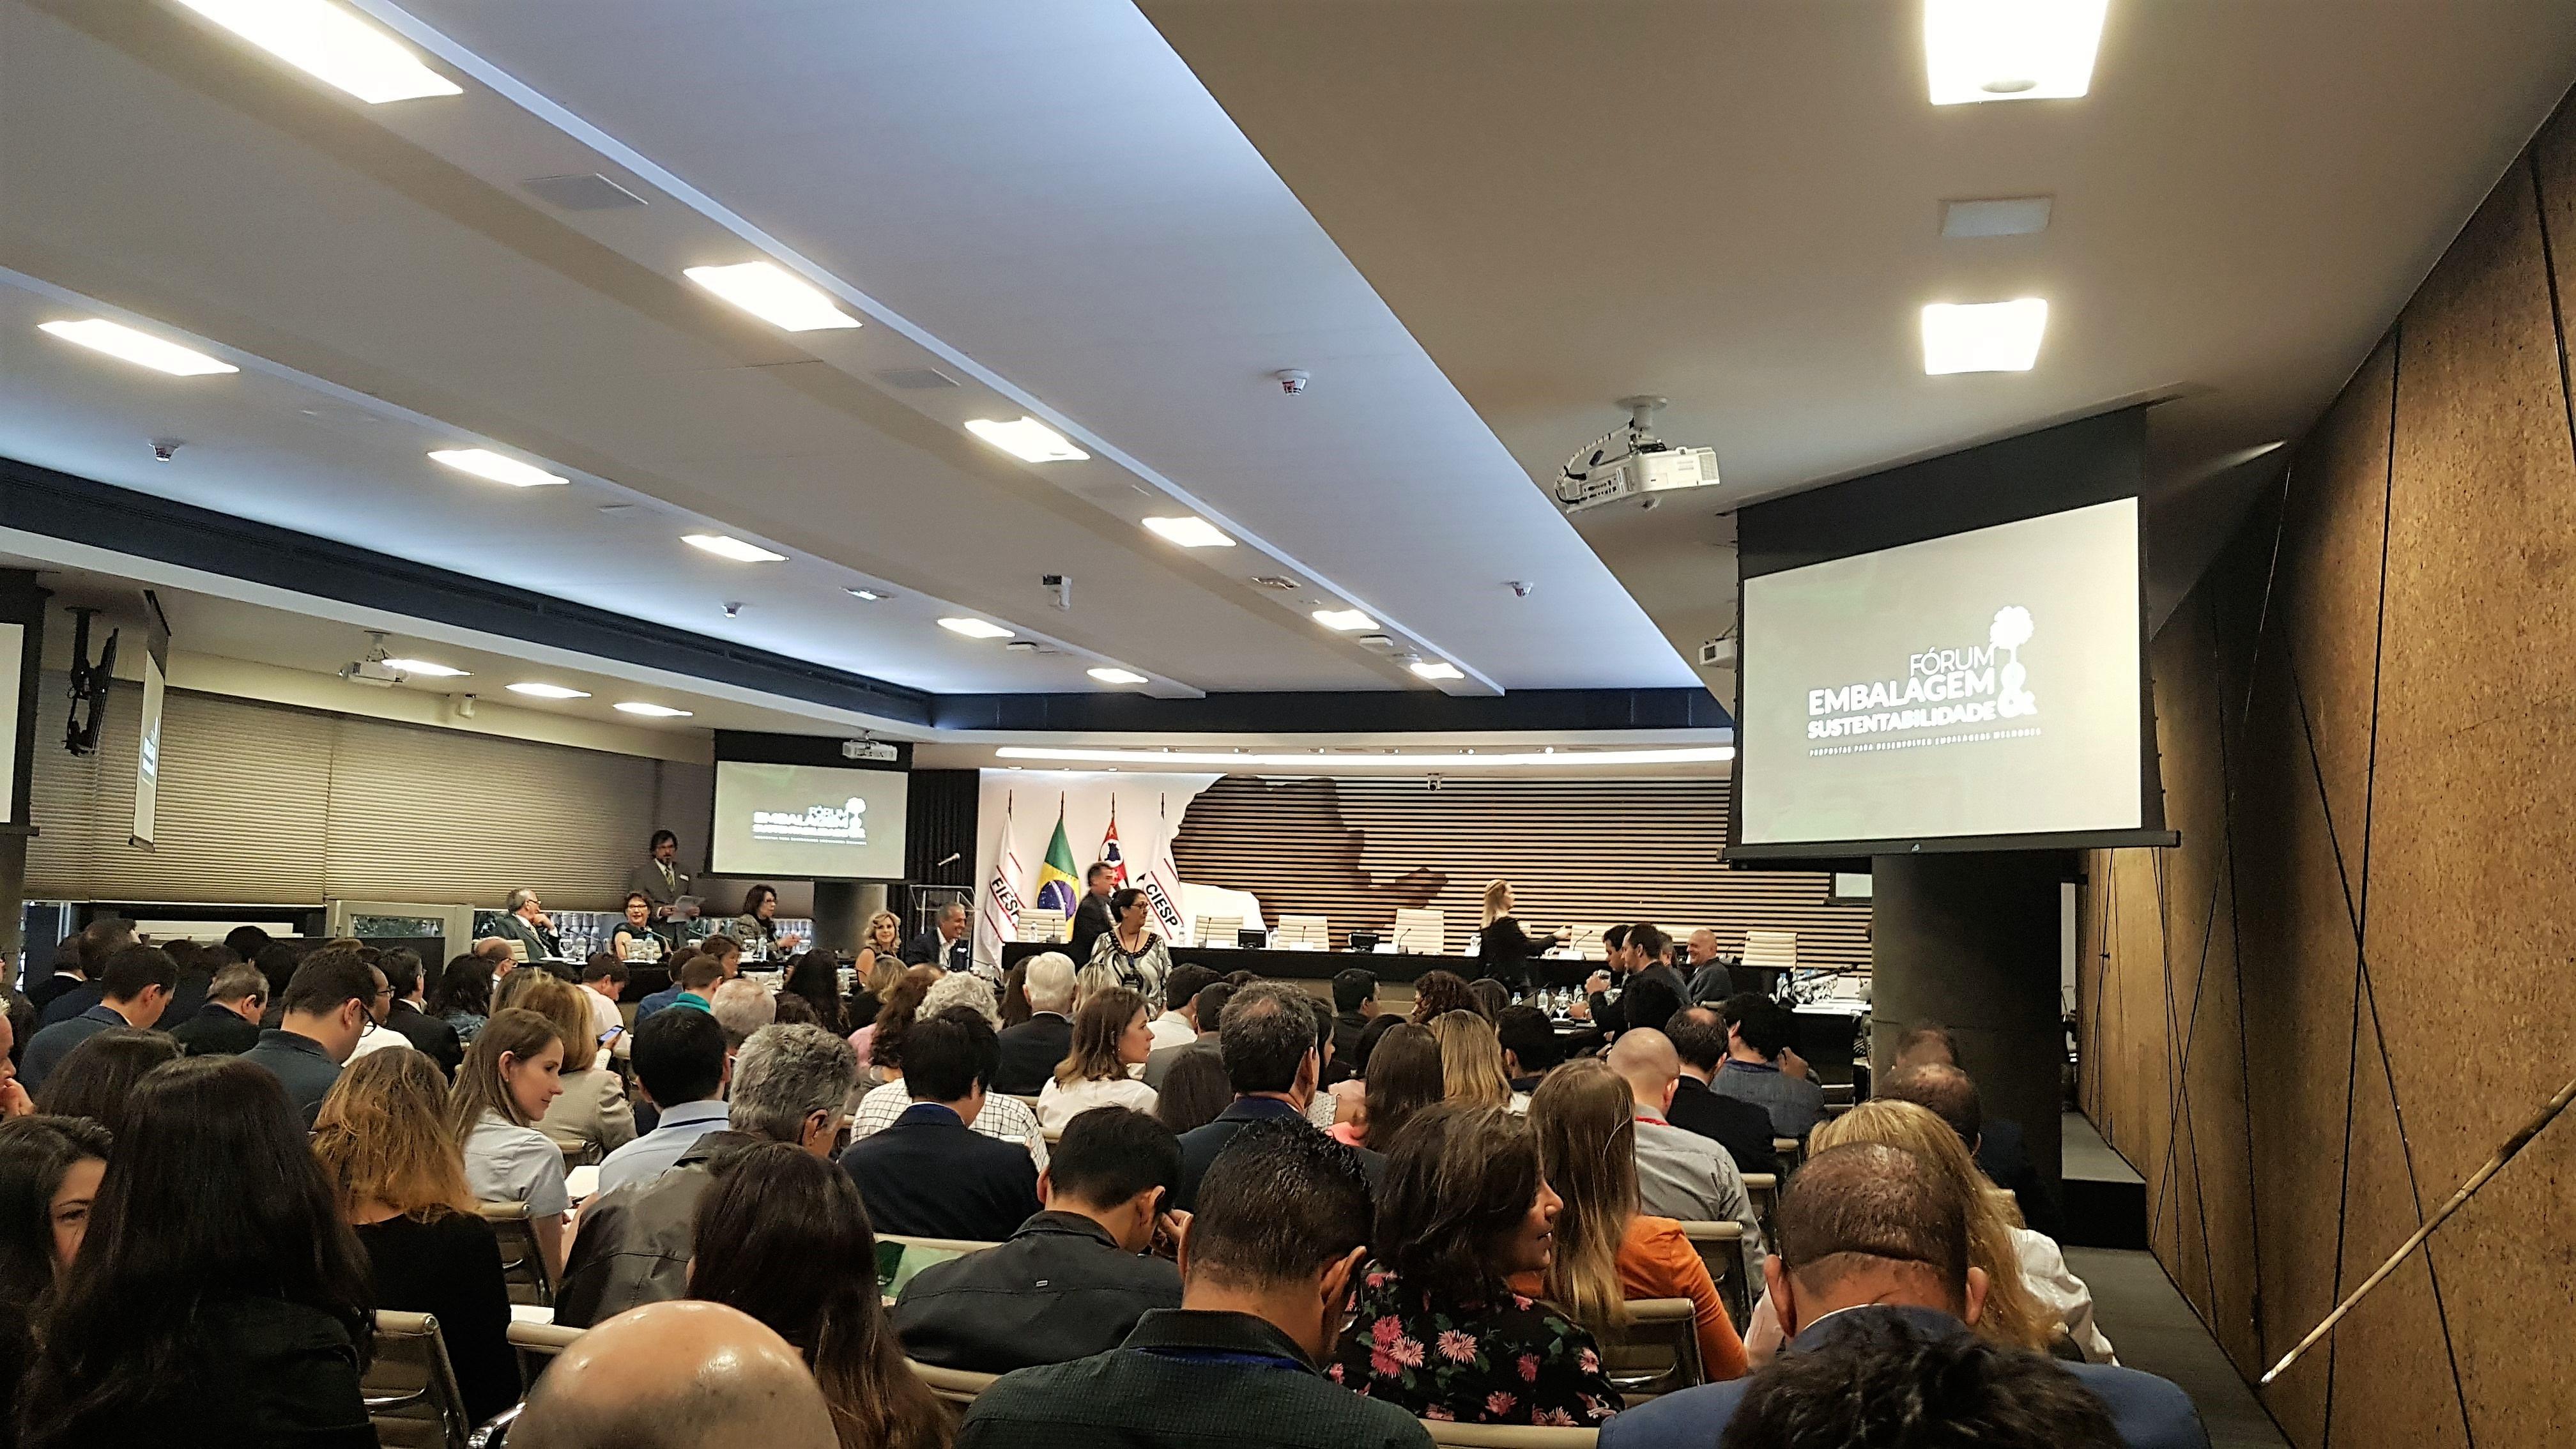 SP Negócios participa de fórum sobre embalagens sustentáveis na Fiesp